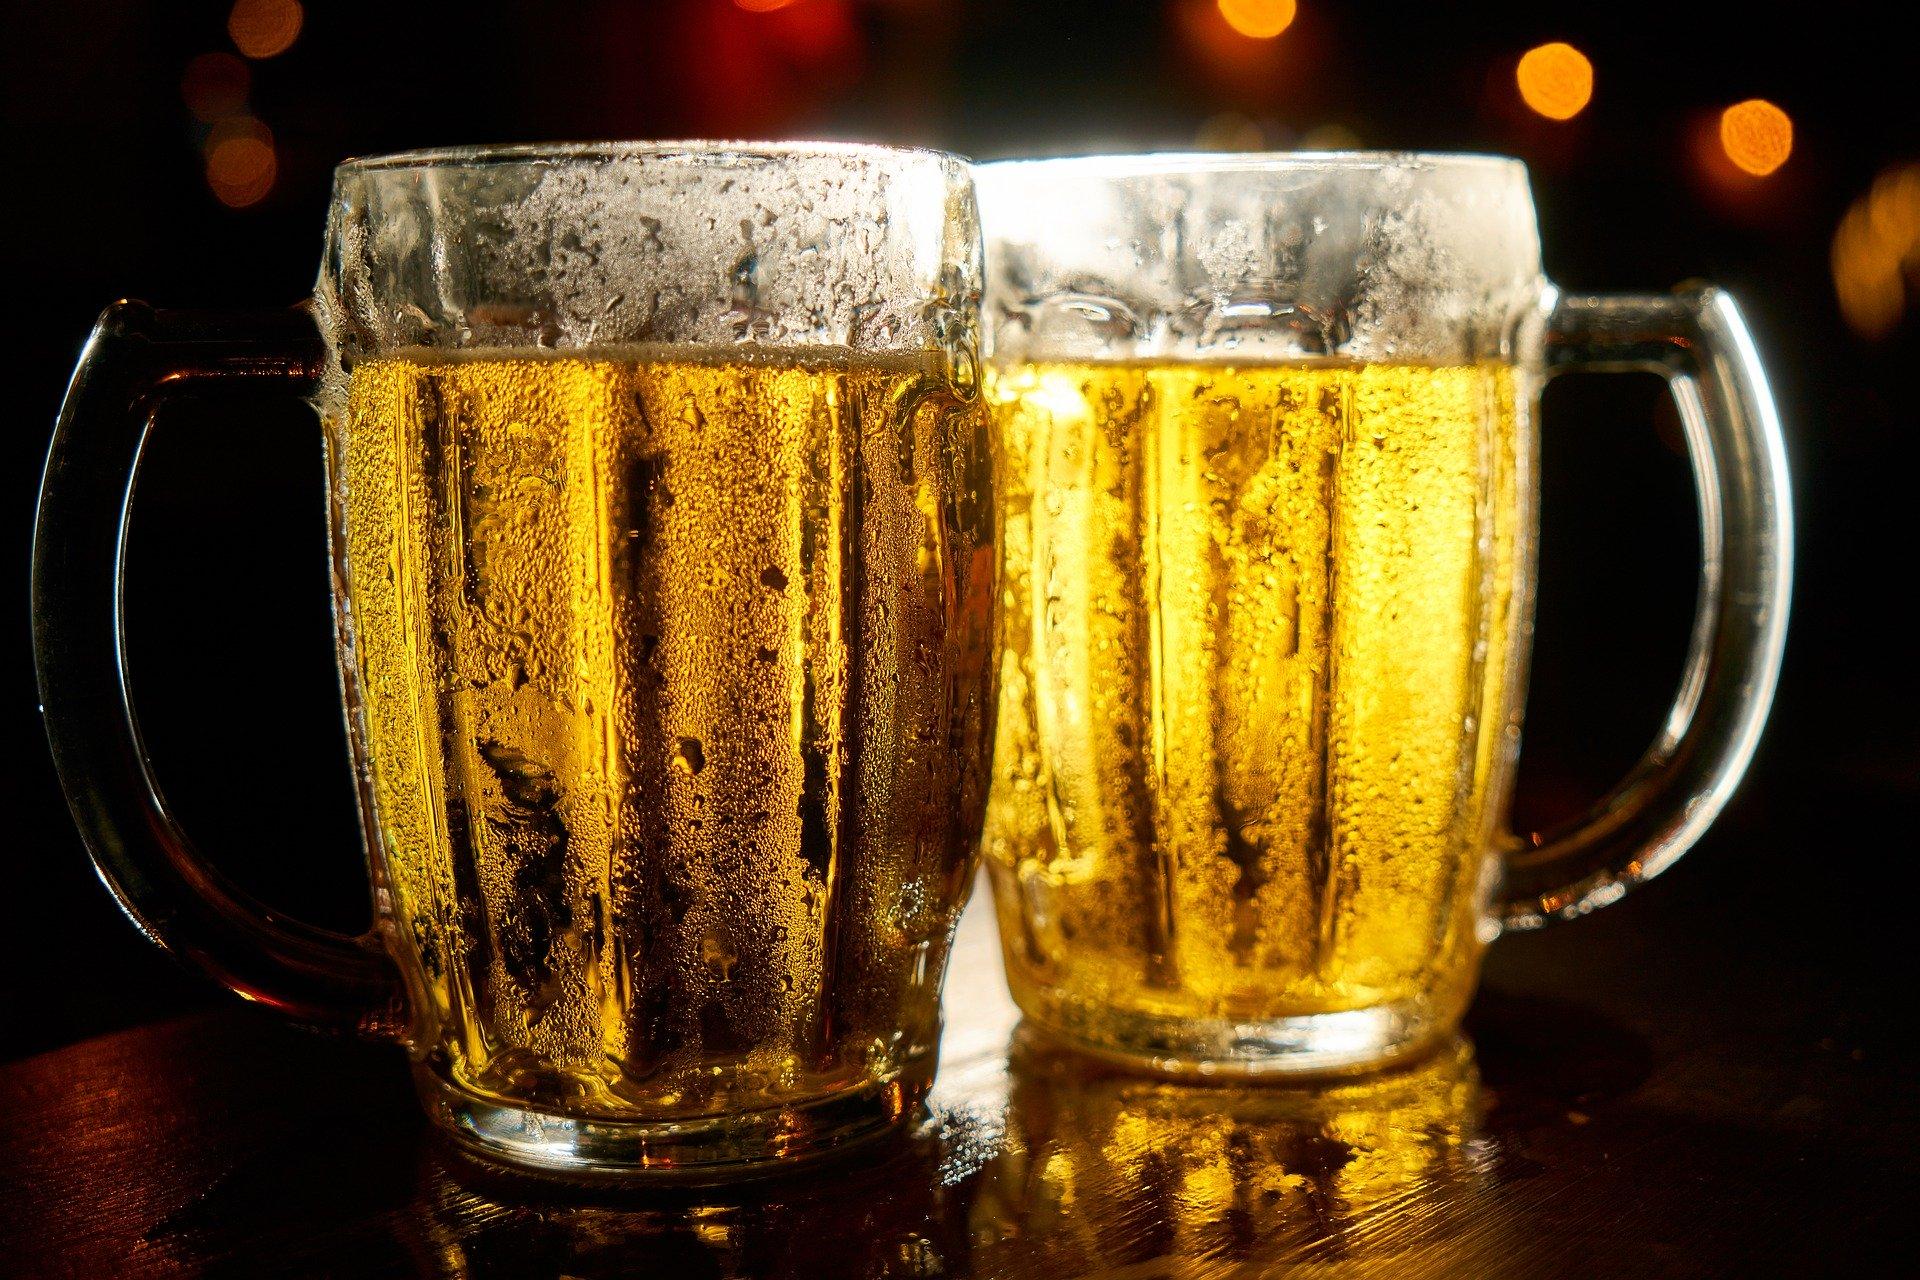 Україна перша в світі випустила пиво з цукрової кукурудзи